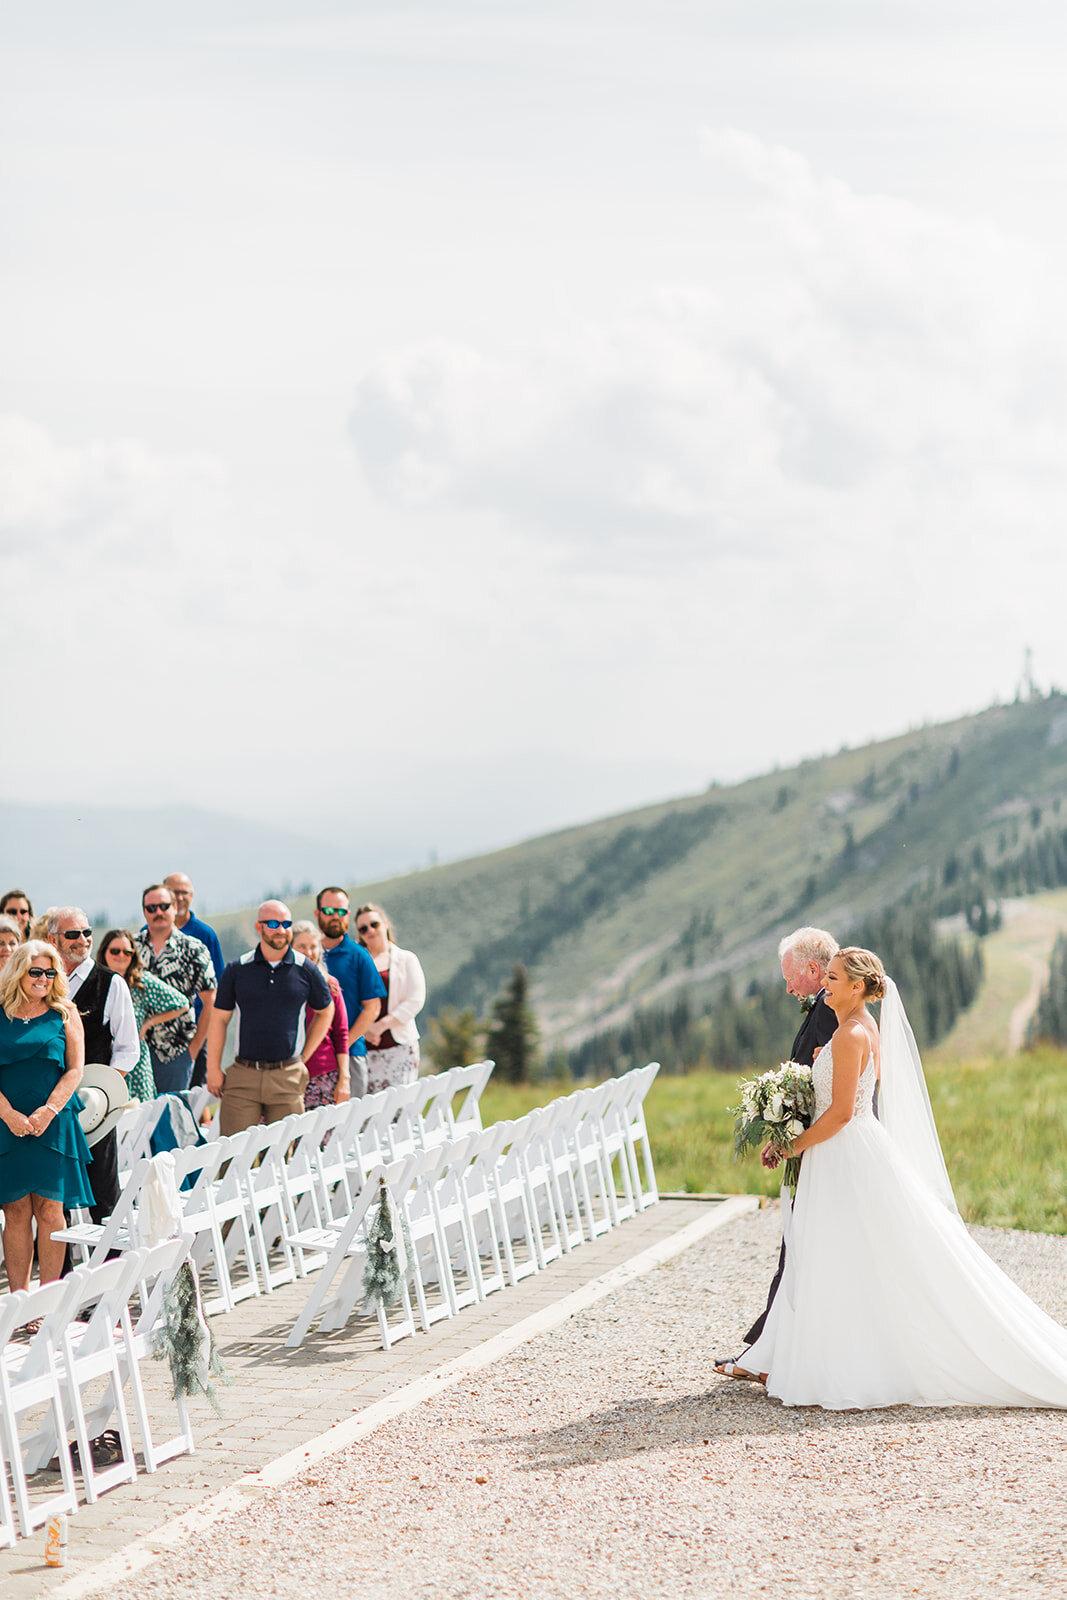 spokane wedding aisle wedding